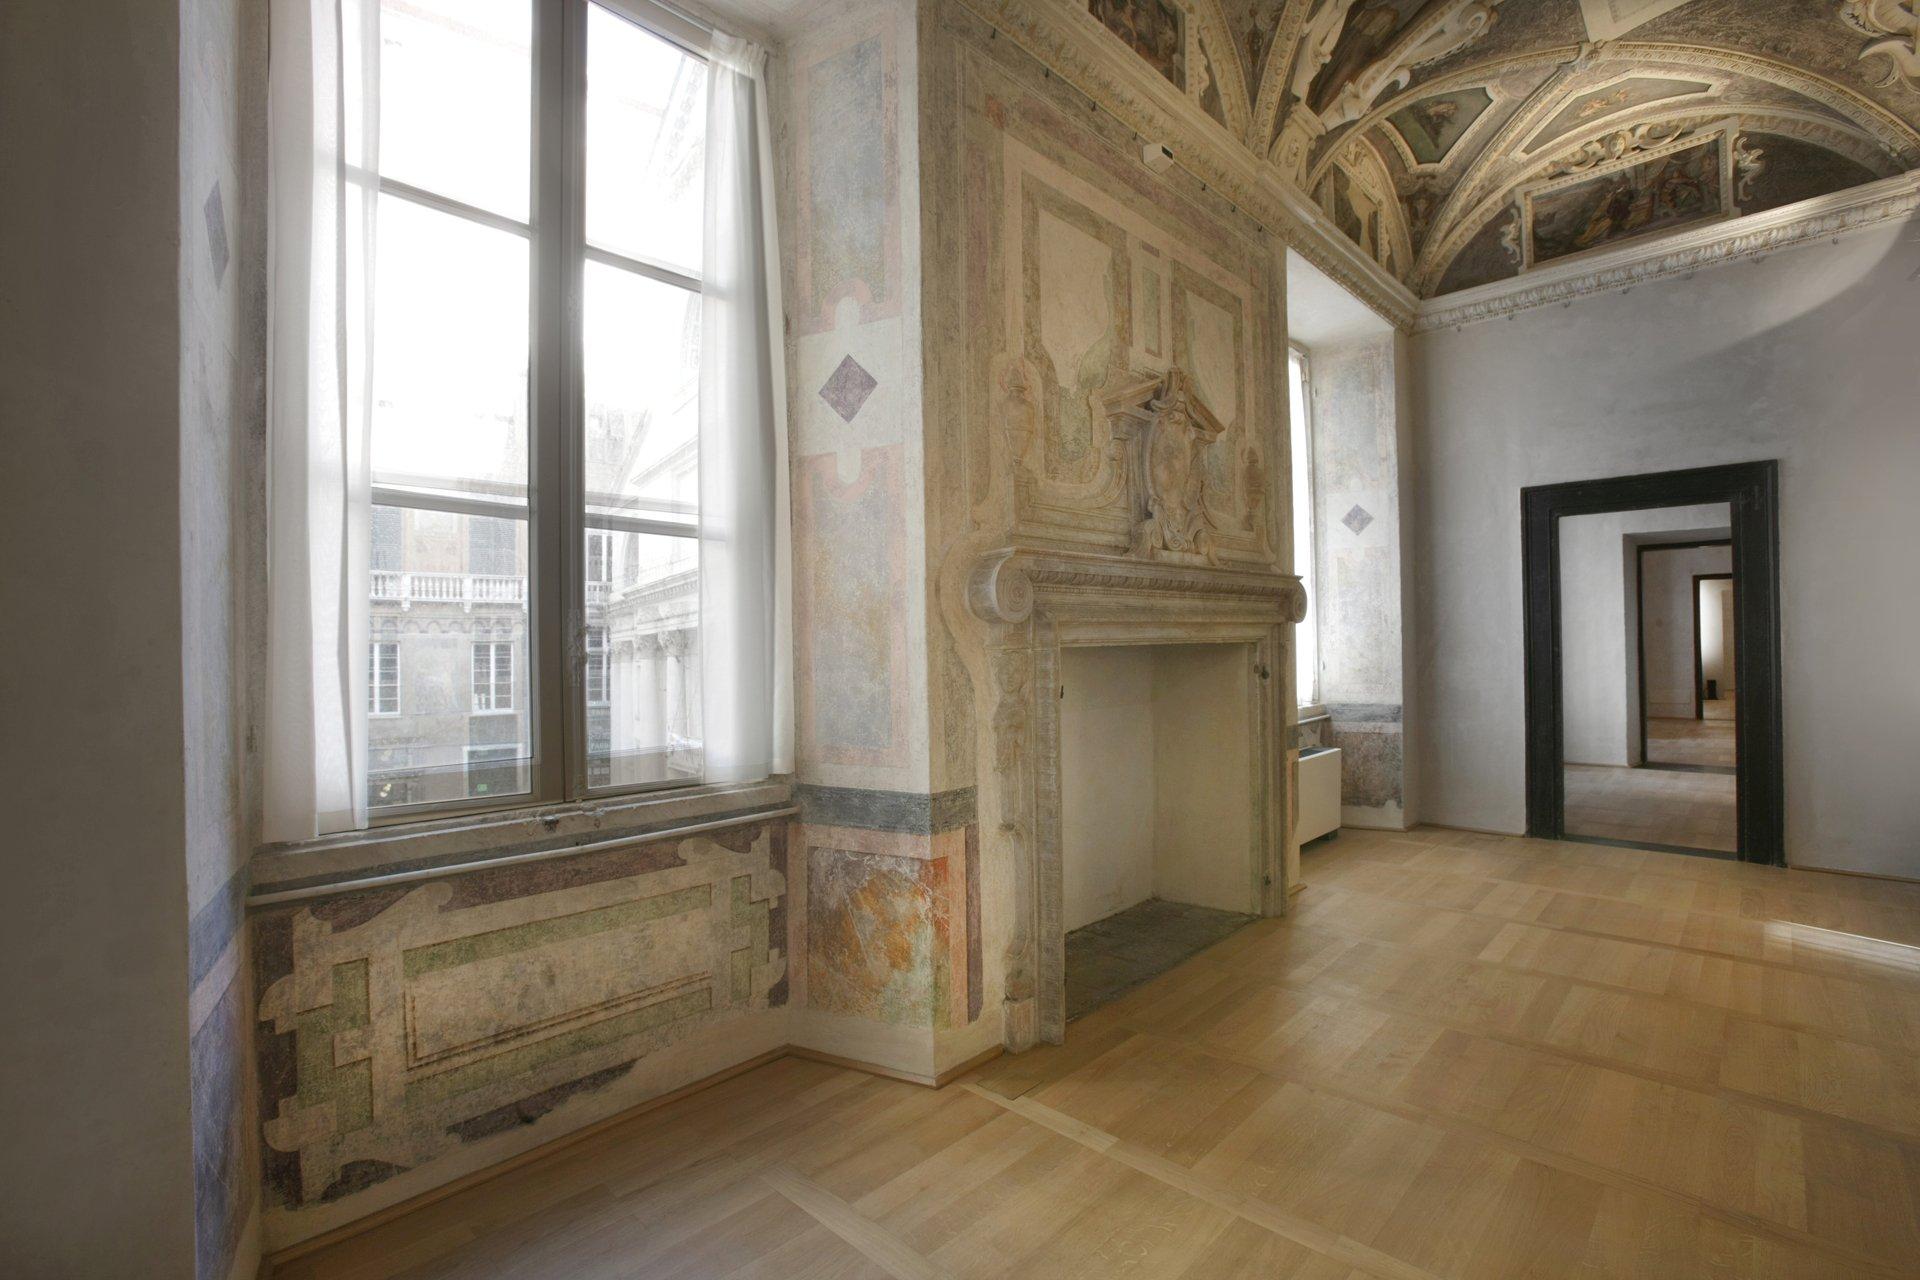 Hotel palazzo grillo 4 genova for Design hotel genova